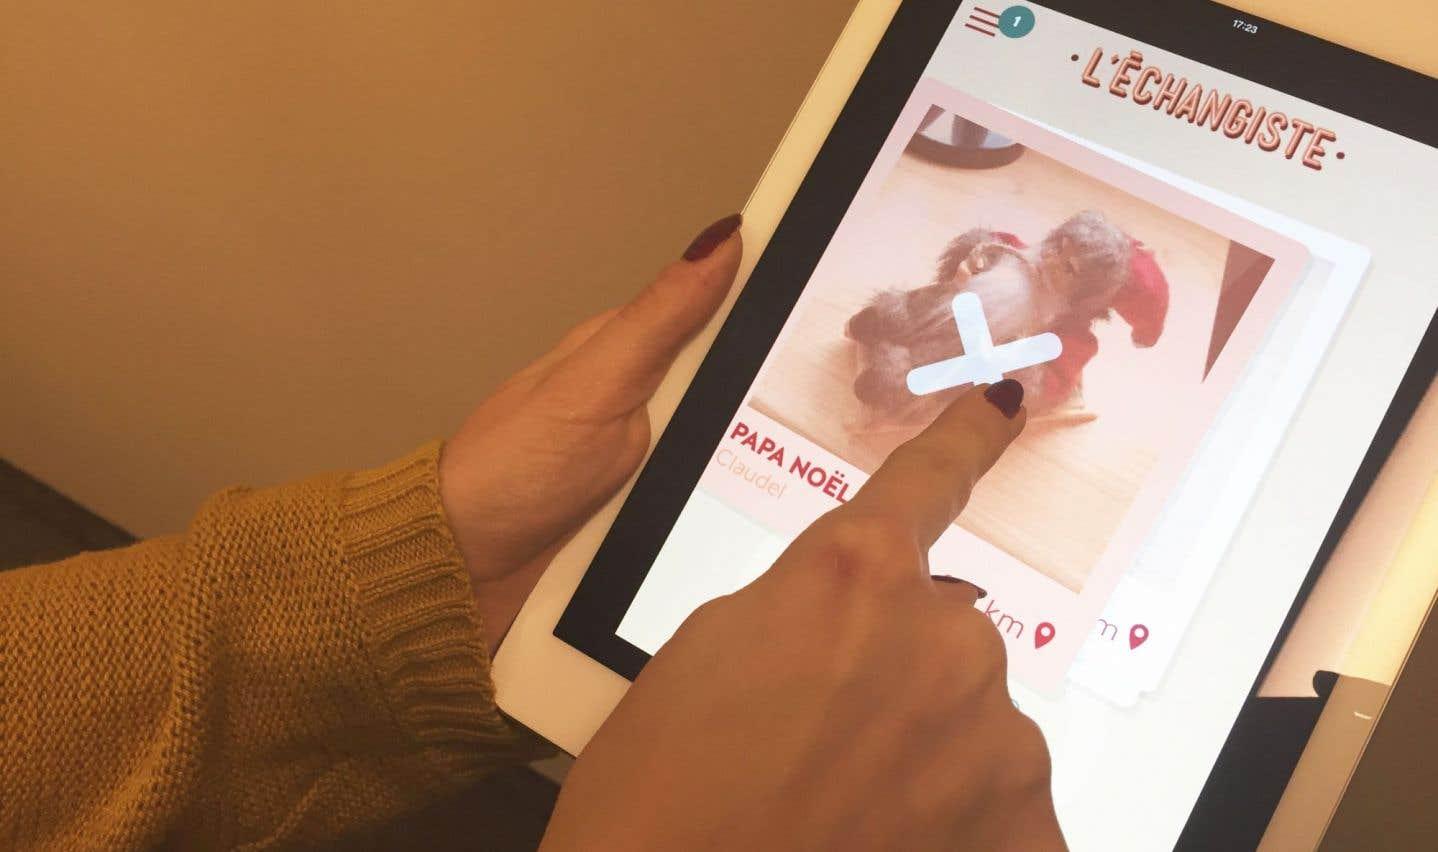 L'échangiste est une application qui permet d'échanger des cadeaux de Noël.